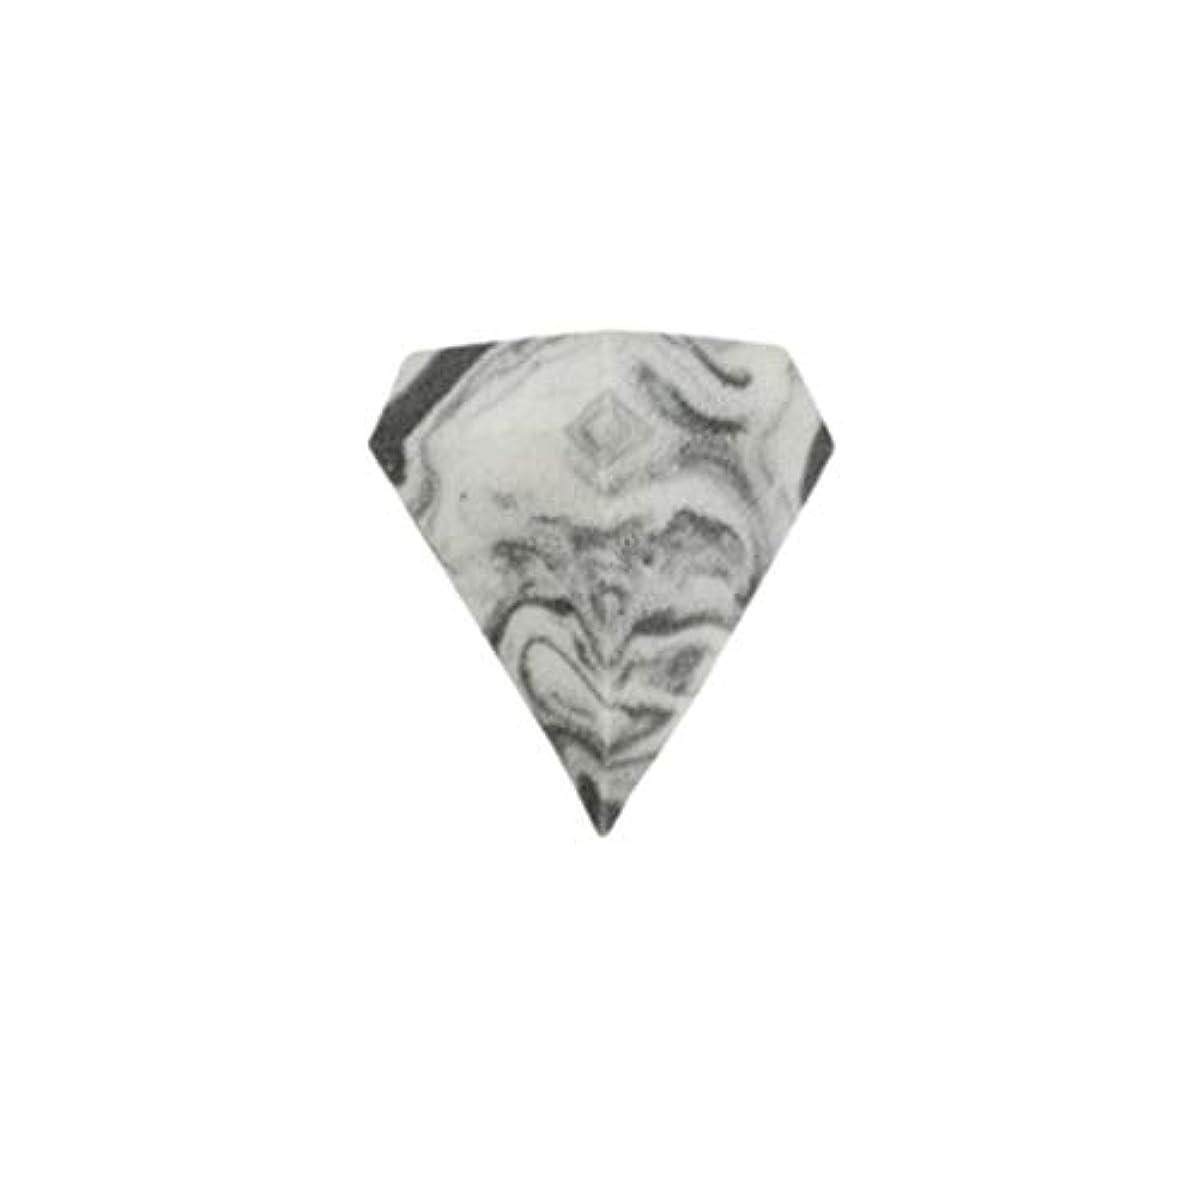 避けられない直径スリップシューズ美のスポンジ、柔らかいダイヤモンド形の構造の混合物の基礎スポンジ